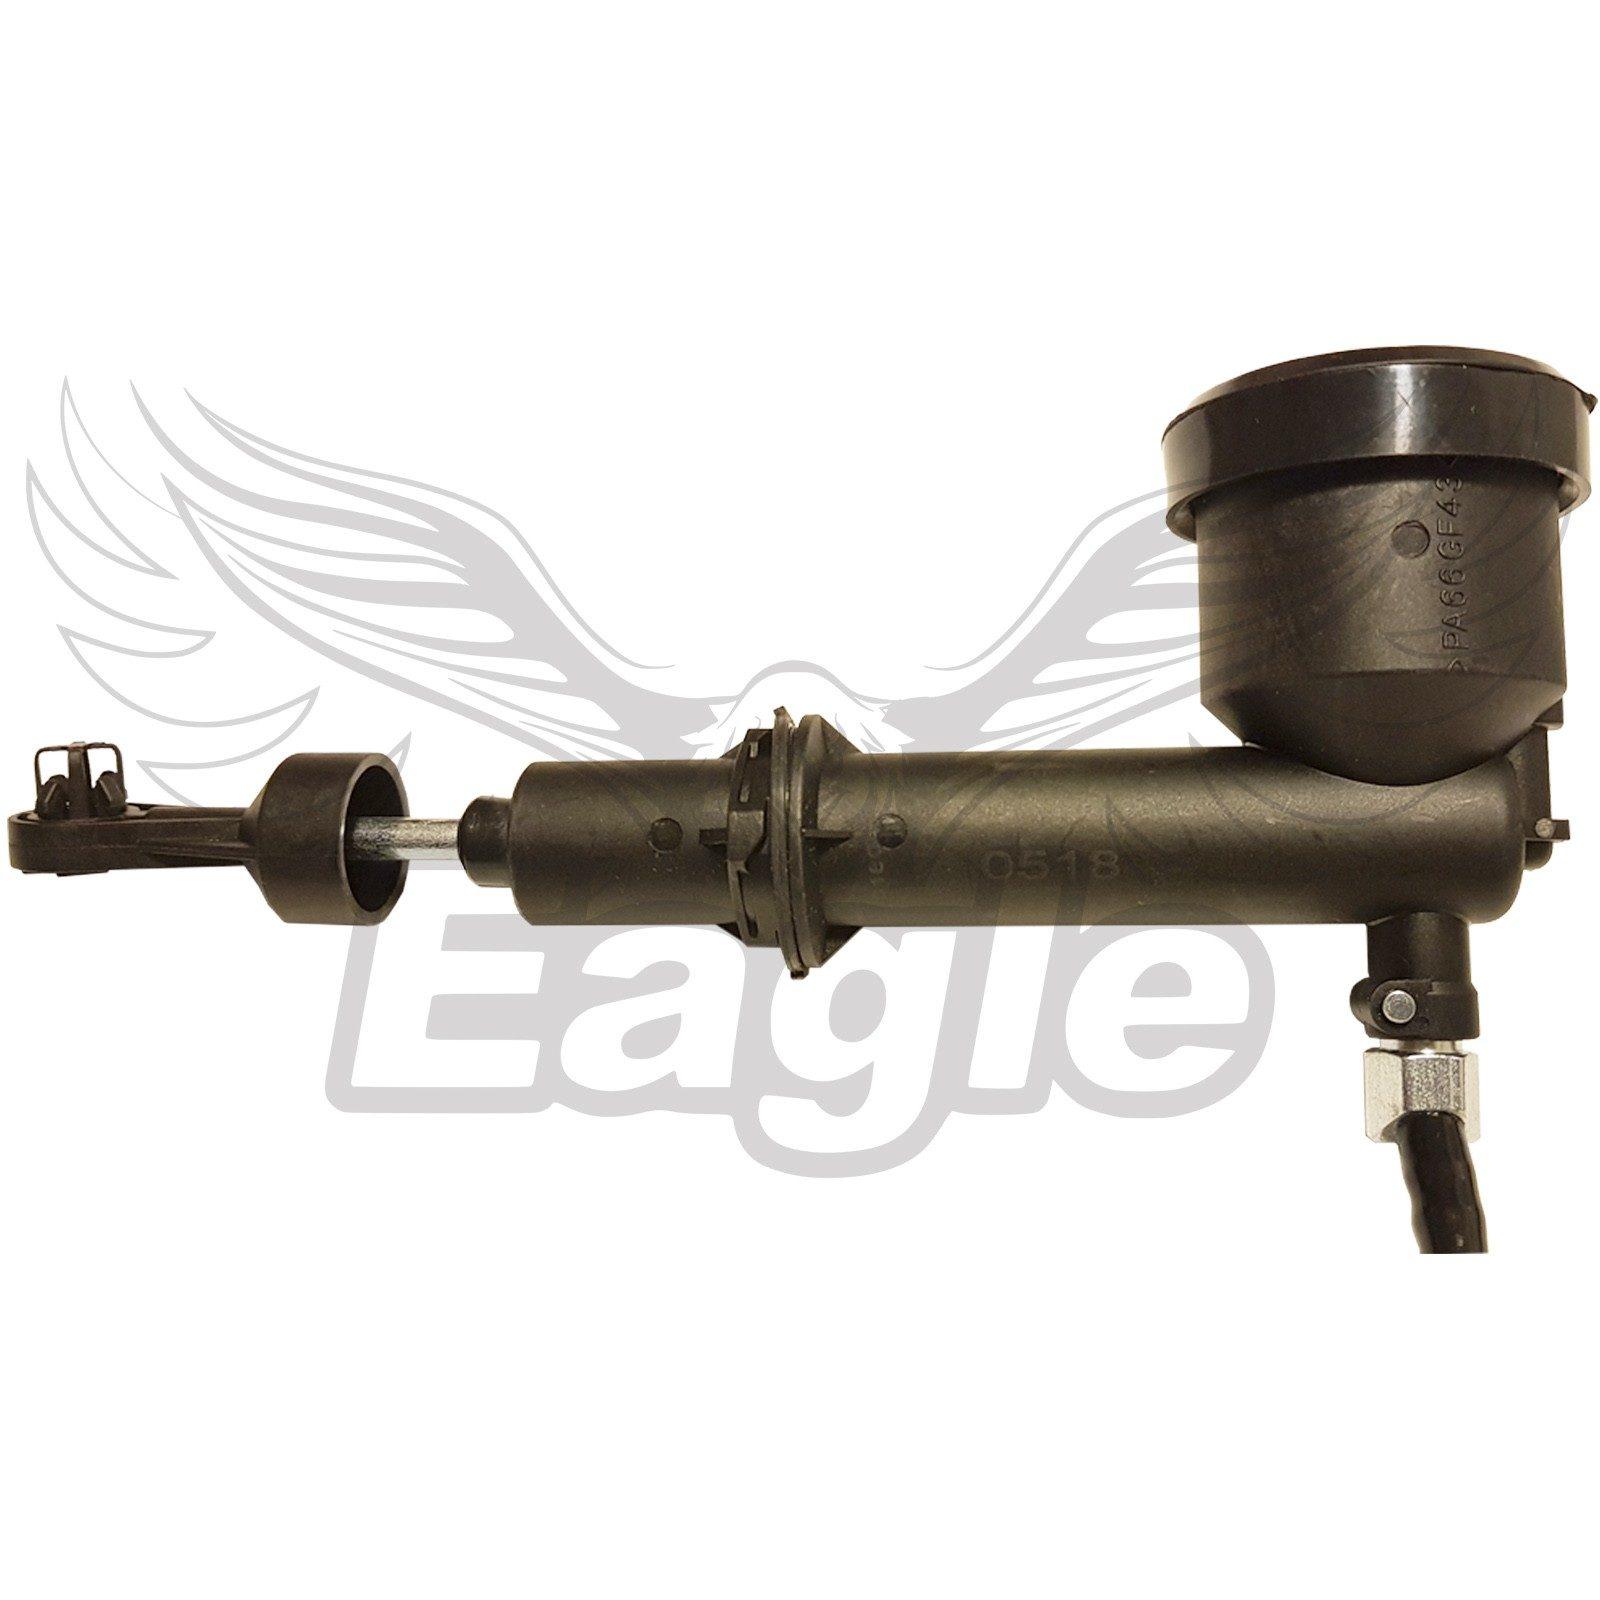 809 3 - EagleOffRoad